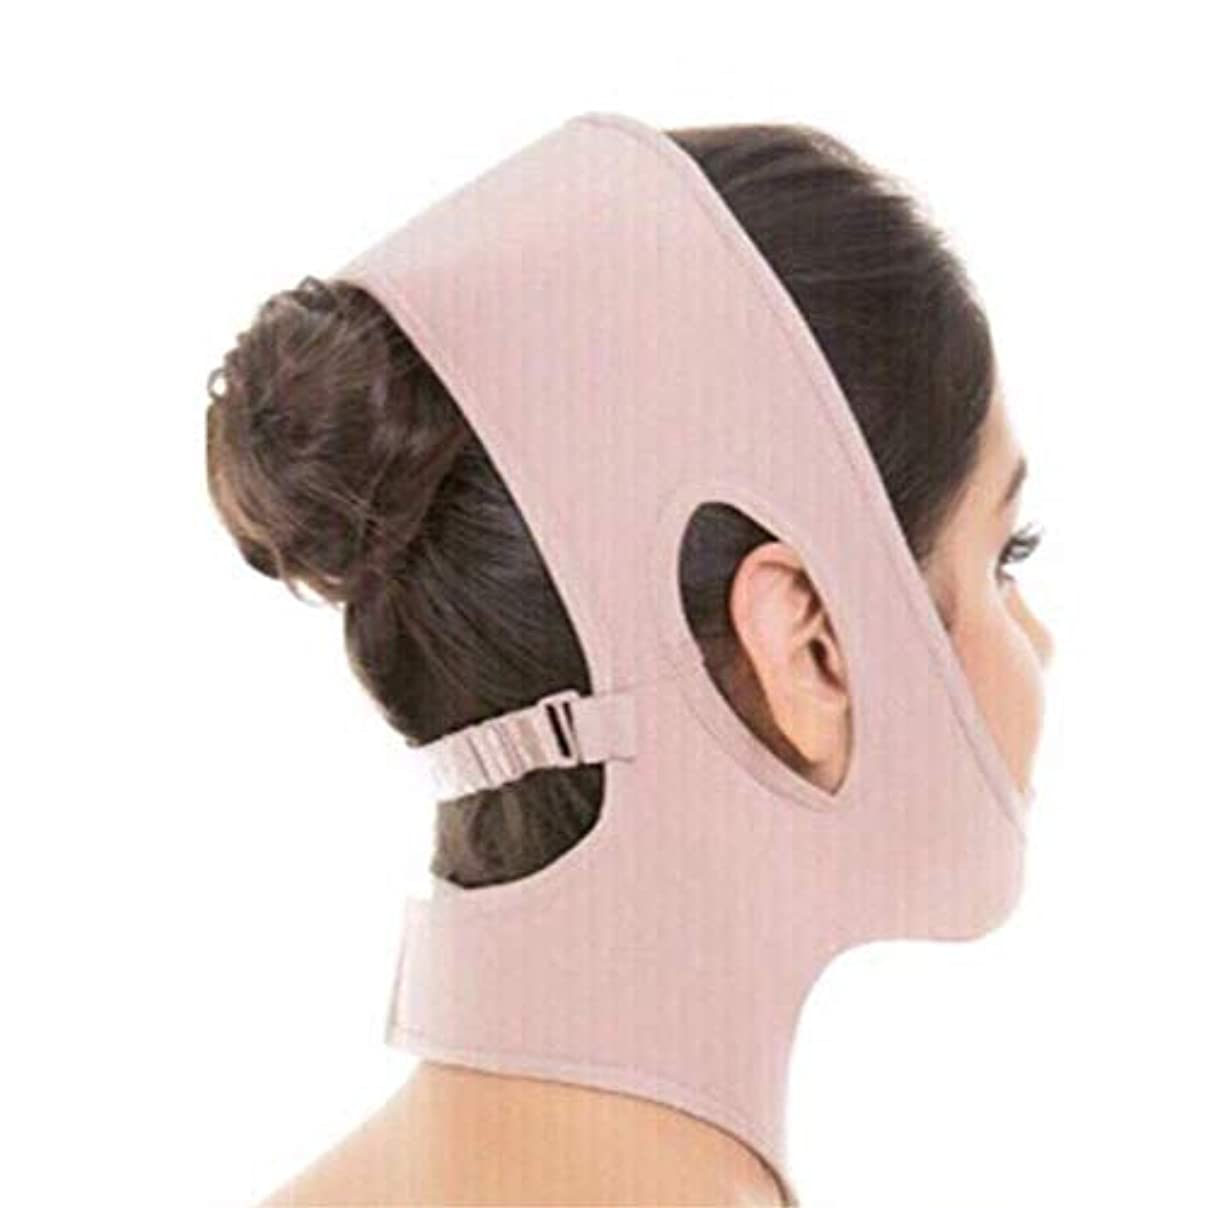 予想する強いますの間でフェイスリフティングバンデージ、フェイスリフティングマスク、顔面の首と首を持ち上げる、顔を持ち上げて二重あごを減らす(フリーサイズ)(カラー:カーキ色),カーキ